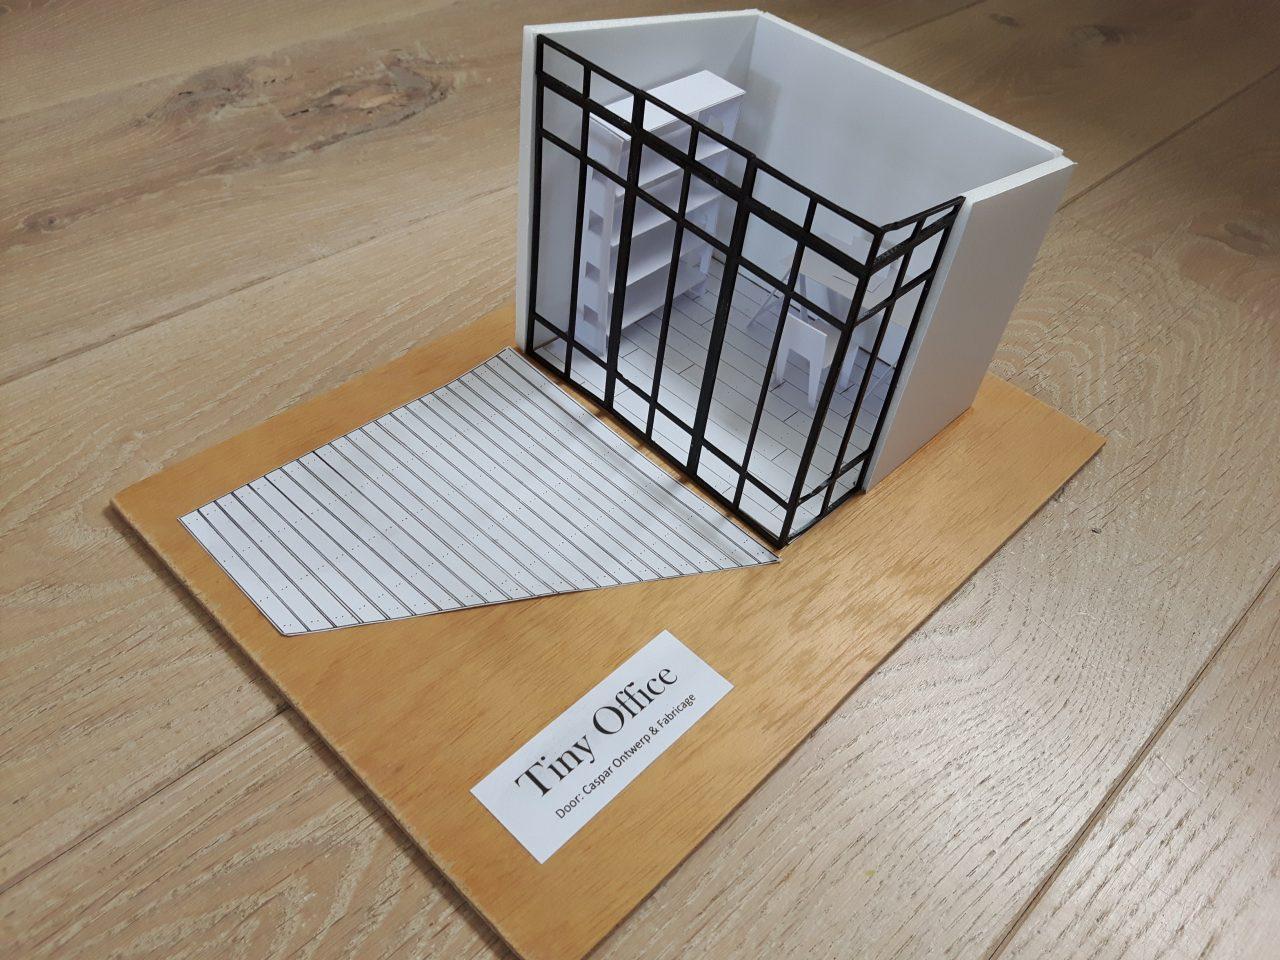 Tiny Office concept voor ontwerpwedstrijd van het CBK Middelburg.